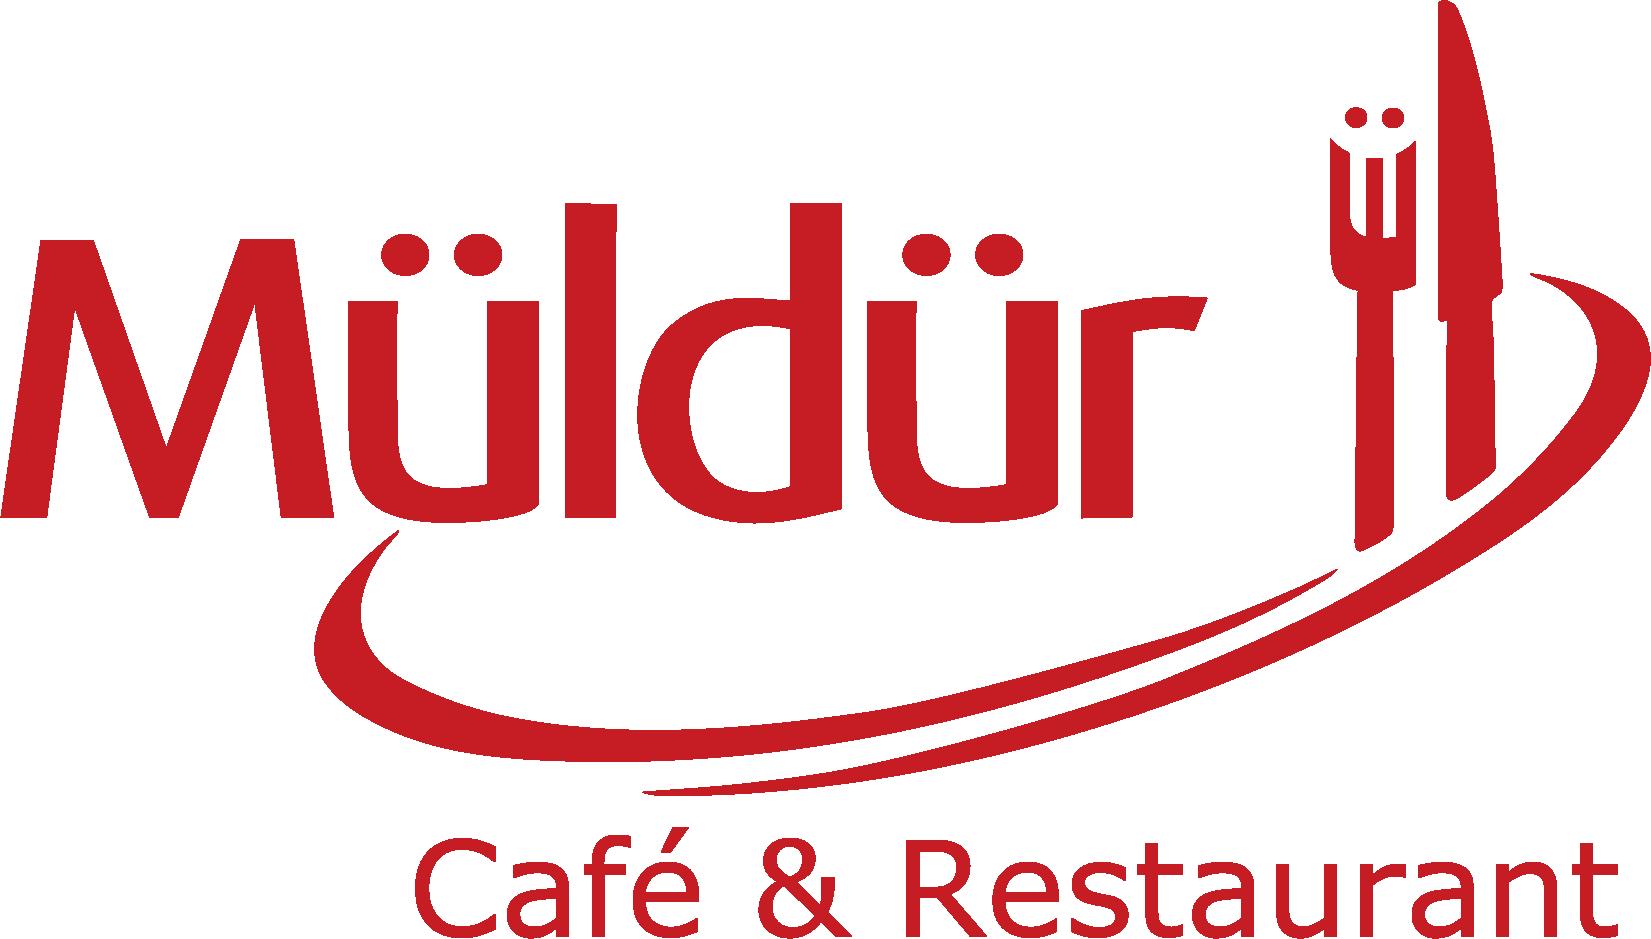 Müldür Cafe & Restaurant in Wien | ~Türkische und mediterrane Spezialitäten~ Logo